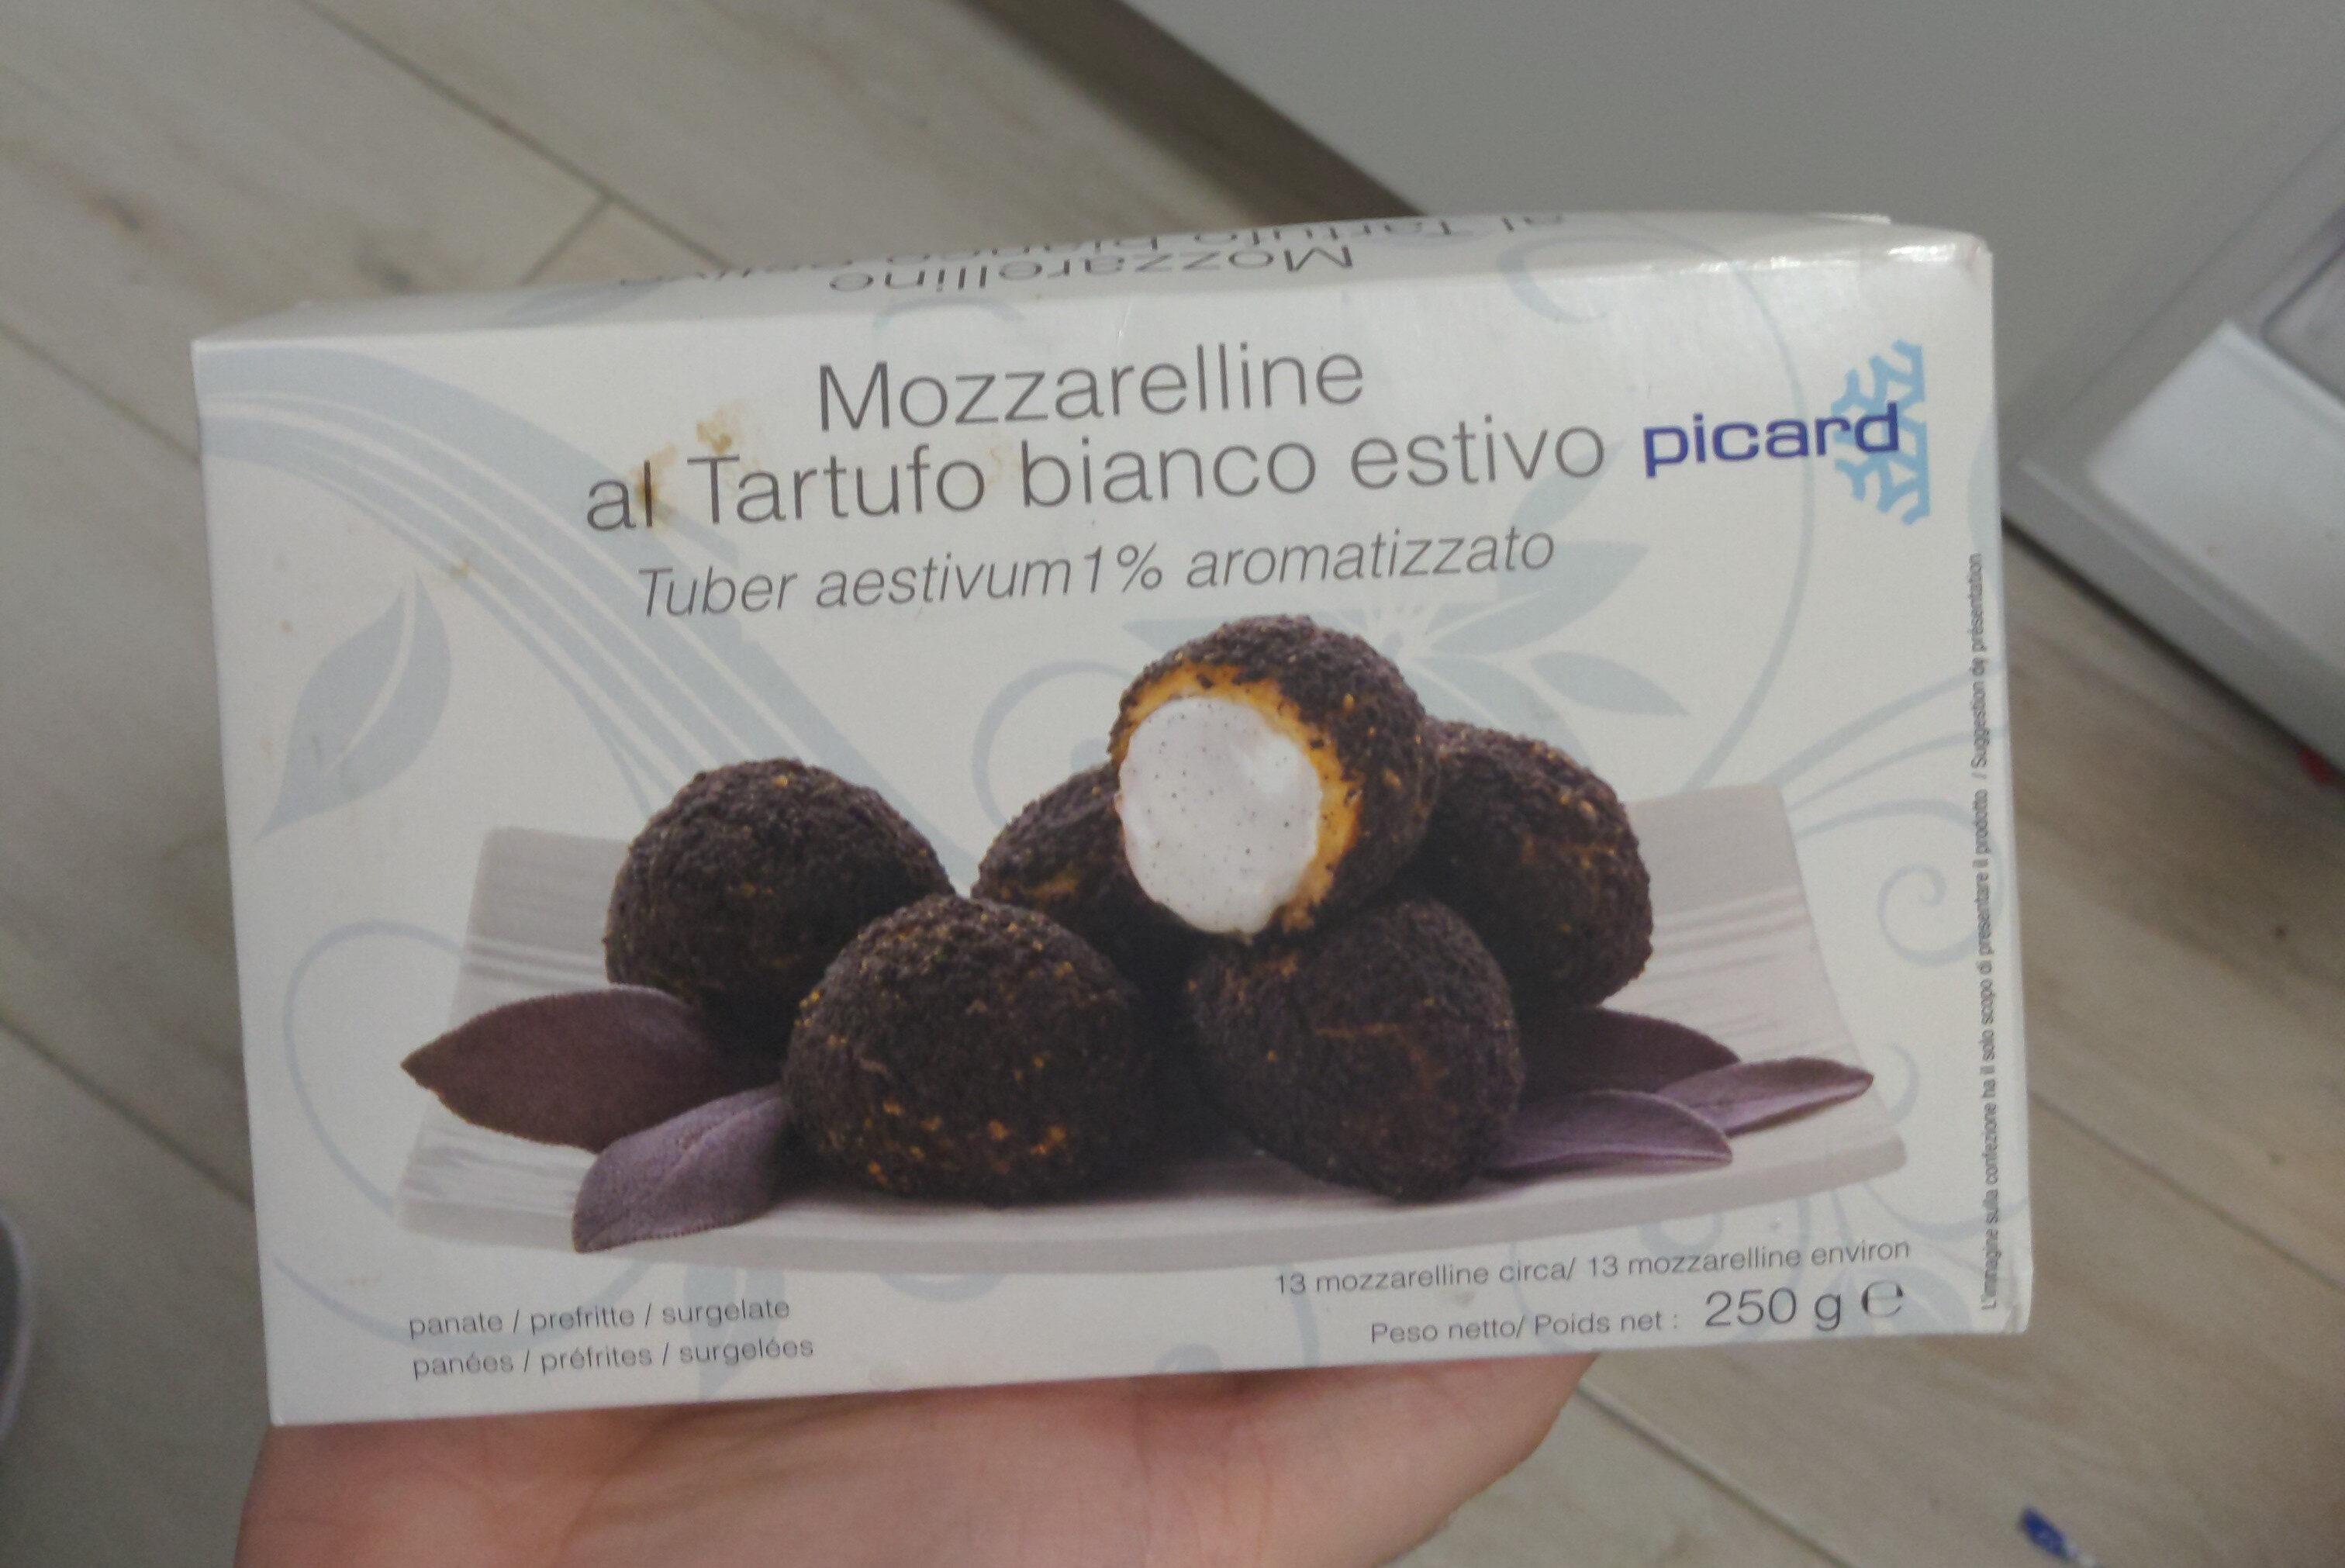 Mozzarelline al tartufo bianco estivo - Product - fr